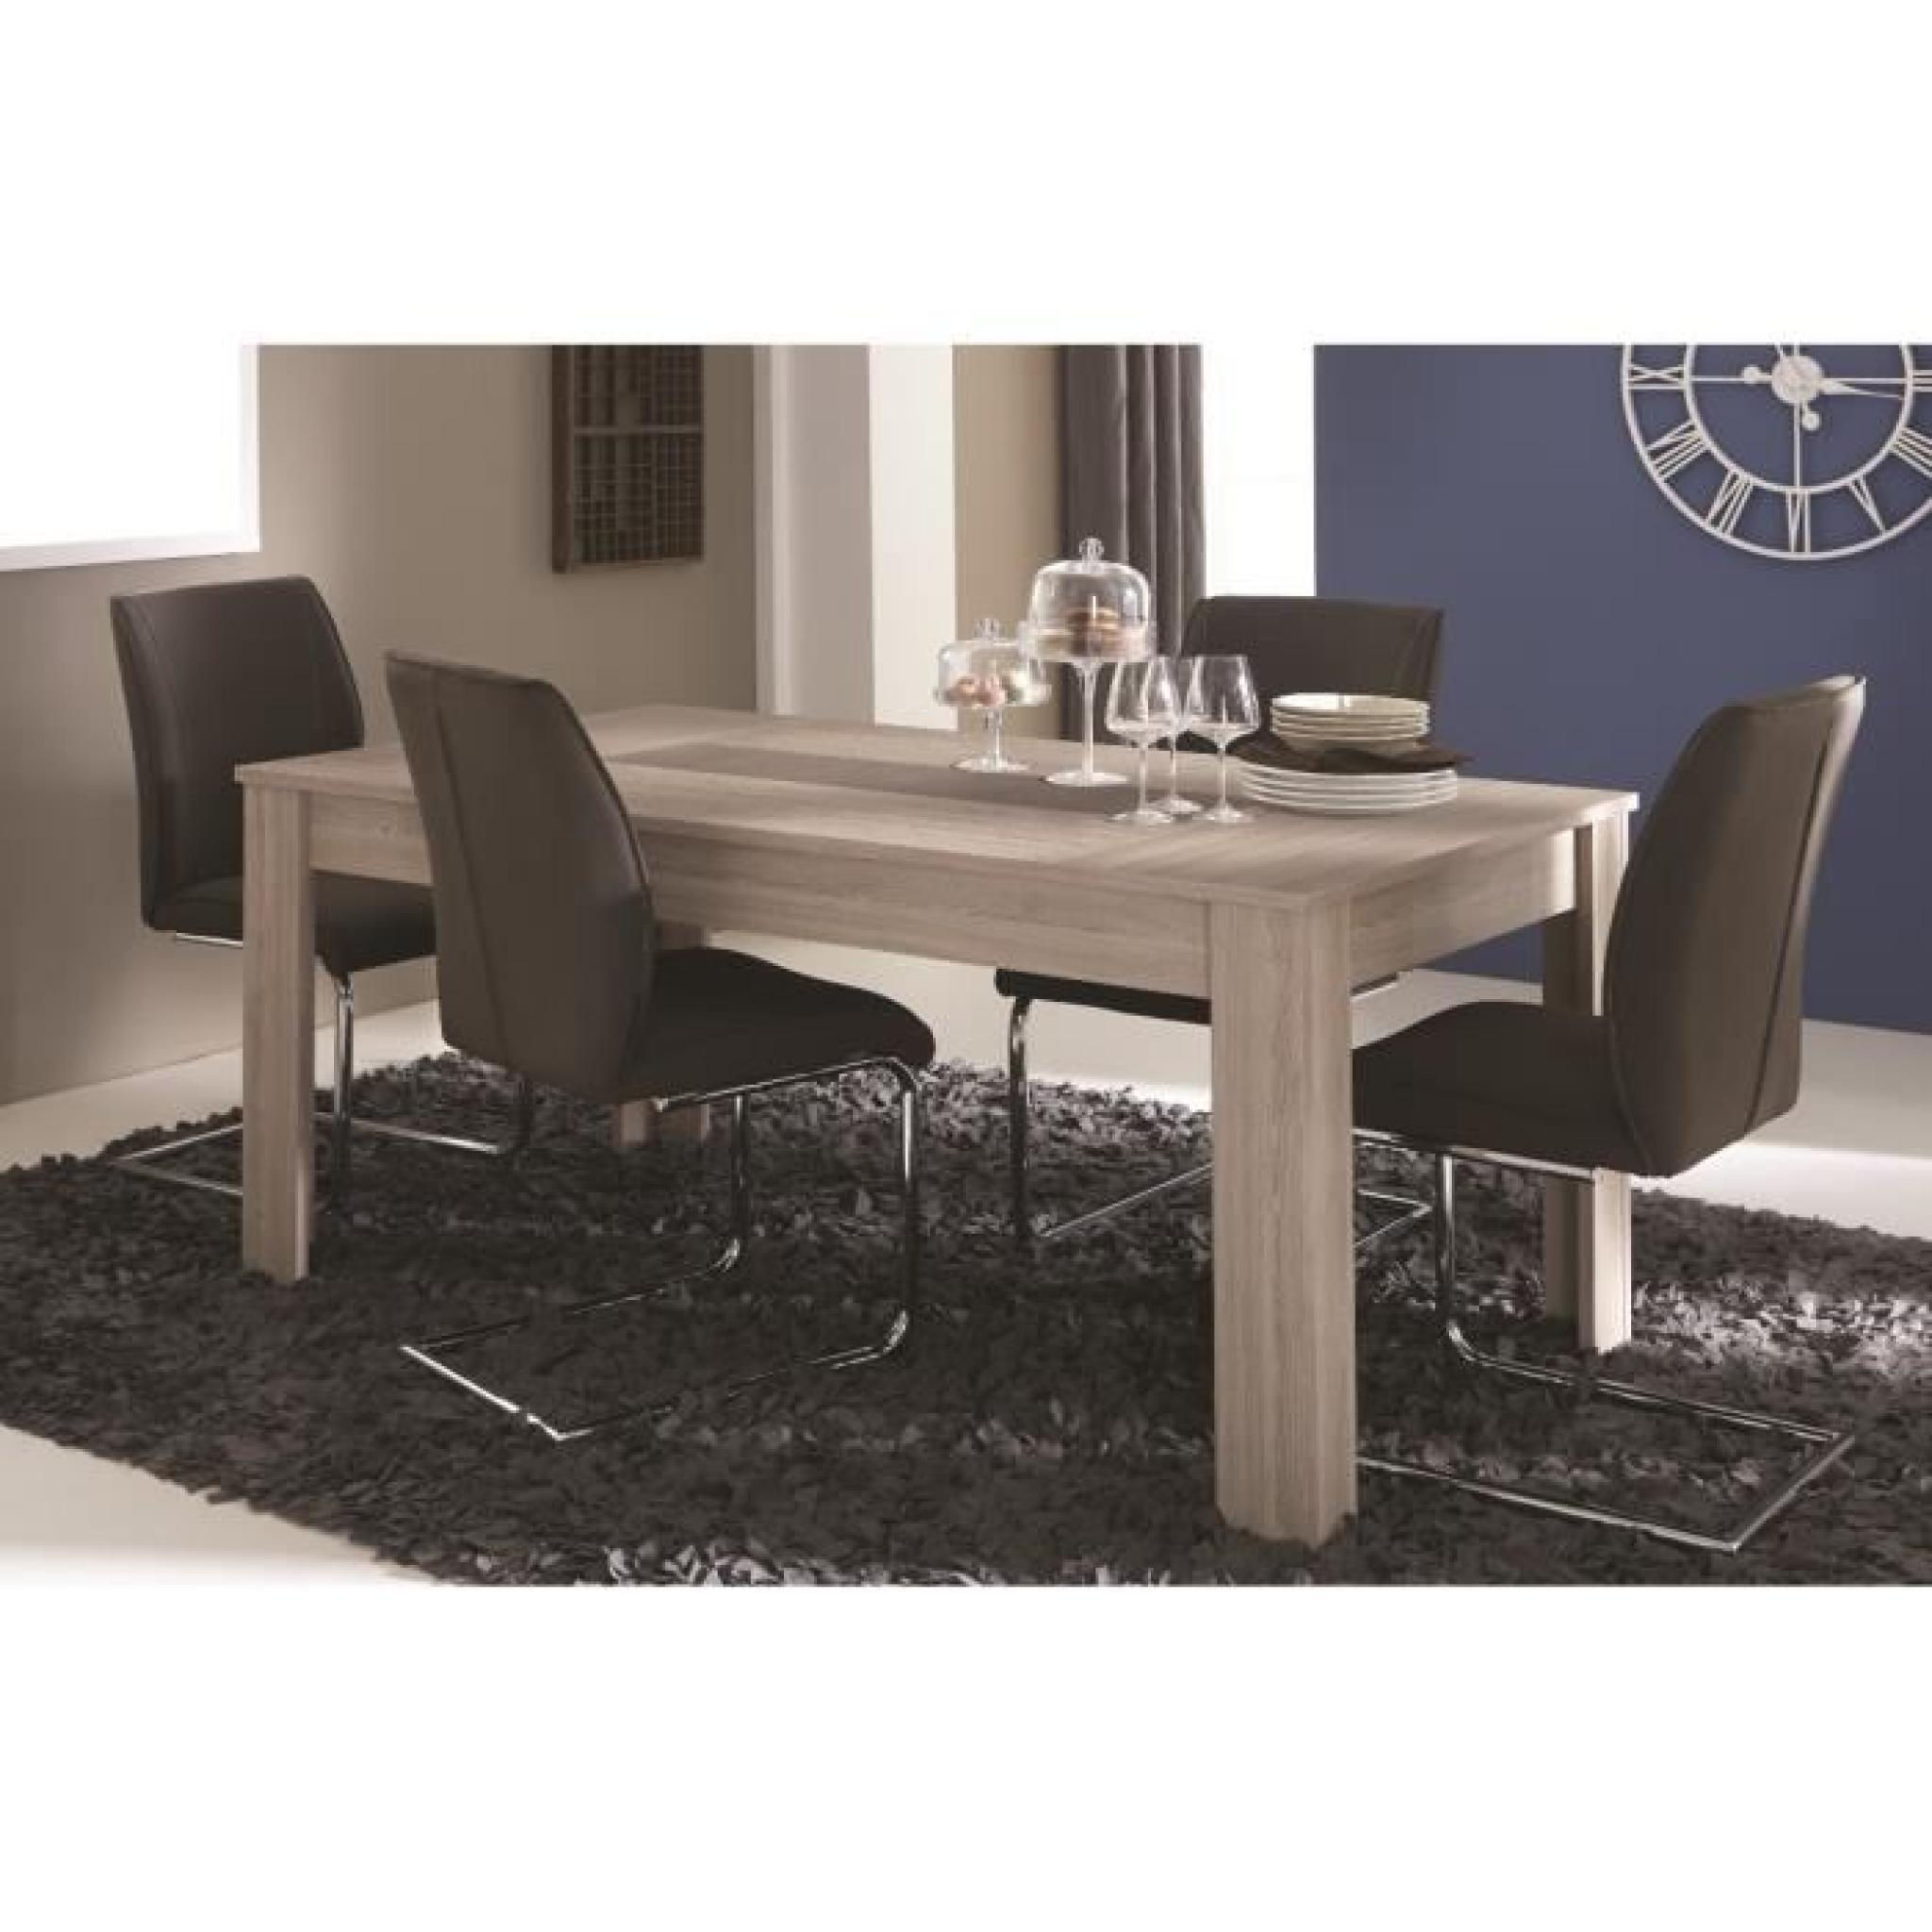 duchess ensemble s jour 3 pi ces 1 enfilade 1 table 1 vitrine d cor ch ne shannon et b ton. Black Bedroom Furniture Sets. Home Design Ideas